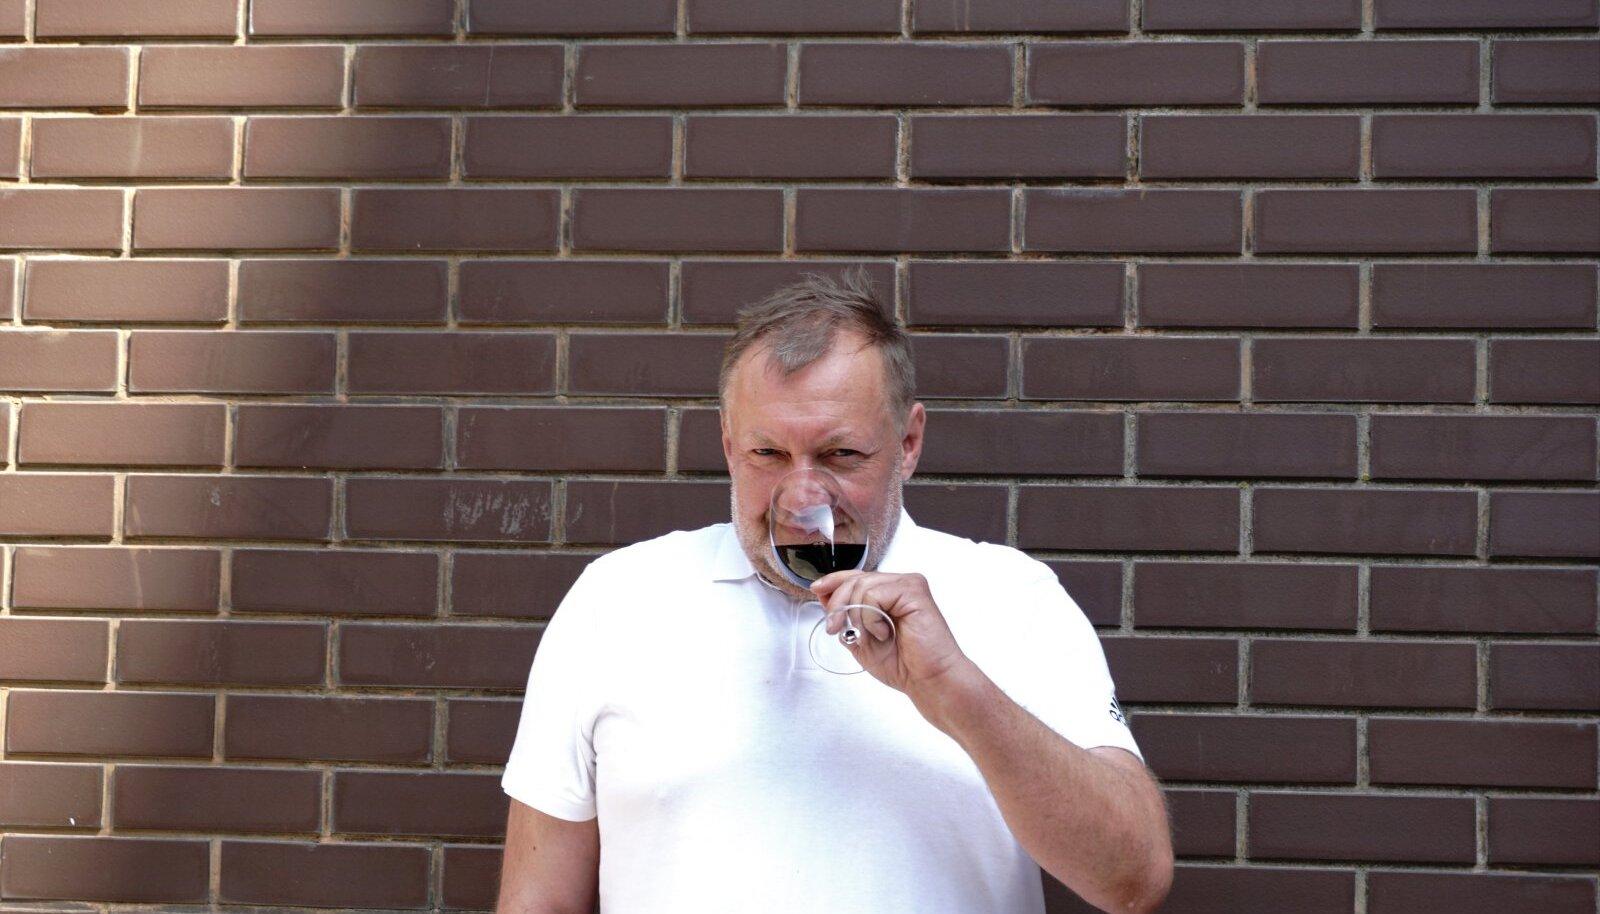 """Shiraz nimelisest viinamarjast räägib joogisaate stuudios kahele """"suurele kõrvale"""" – saatejuhid Martin ja Keiu – Eesti Sommeljeede Assotsiatsiooni sommeljee, koolitaja ja veinikaupmees Igor Sööt."""